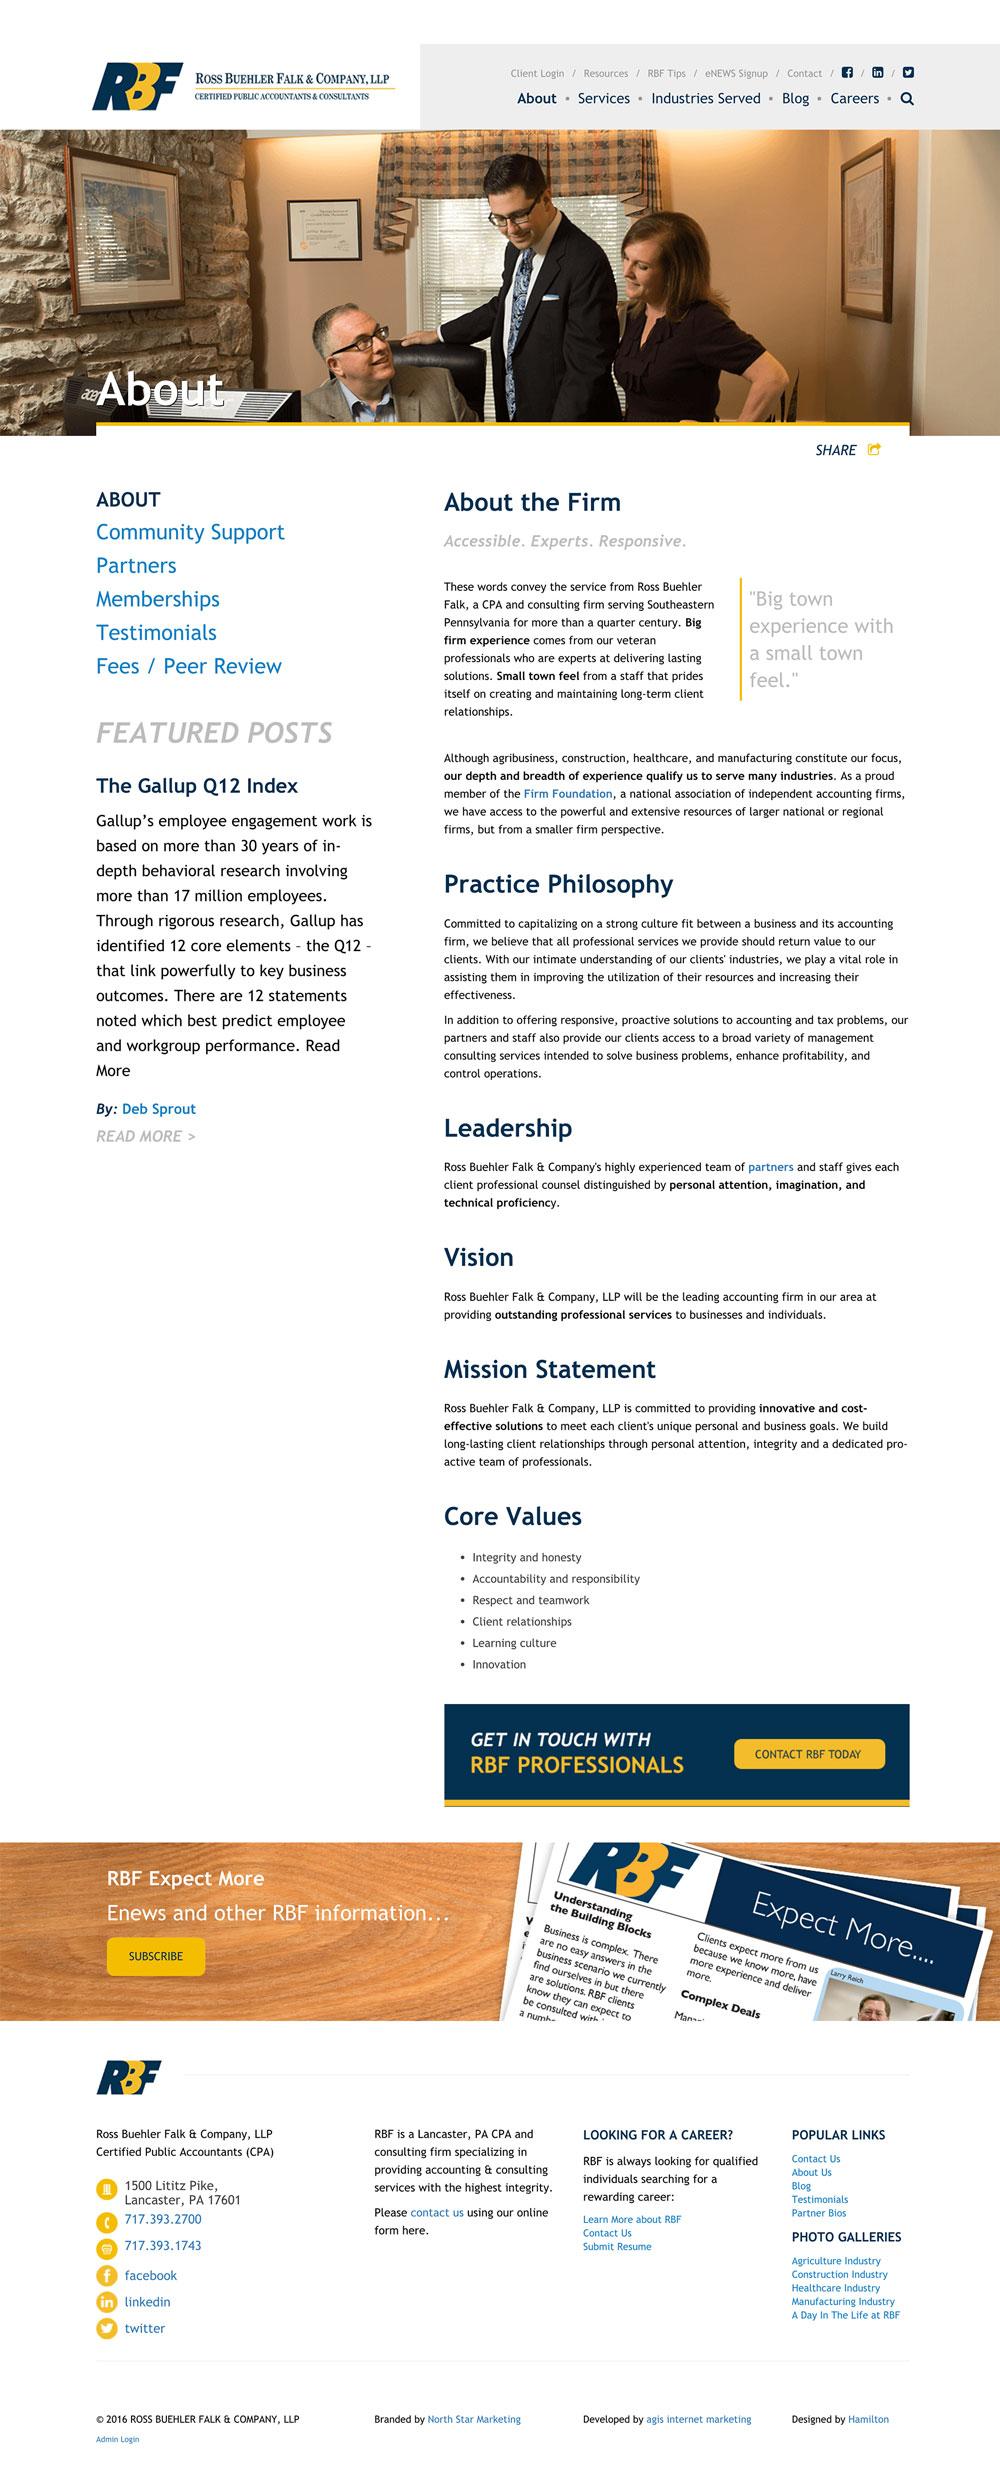 Ross Buehler Faulk & Company - Web Image 3